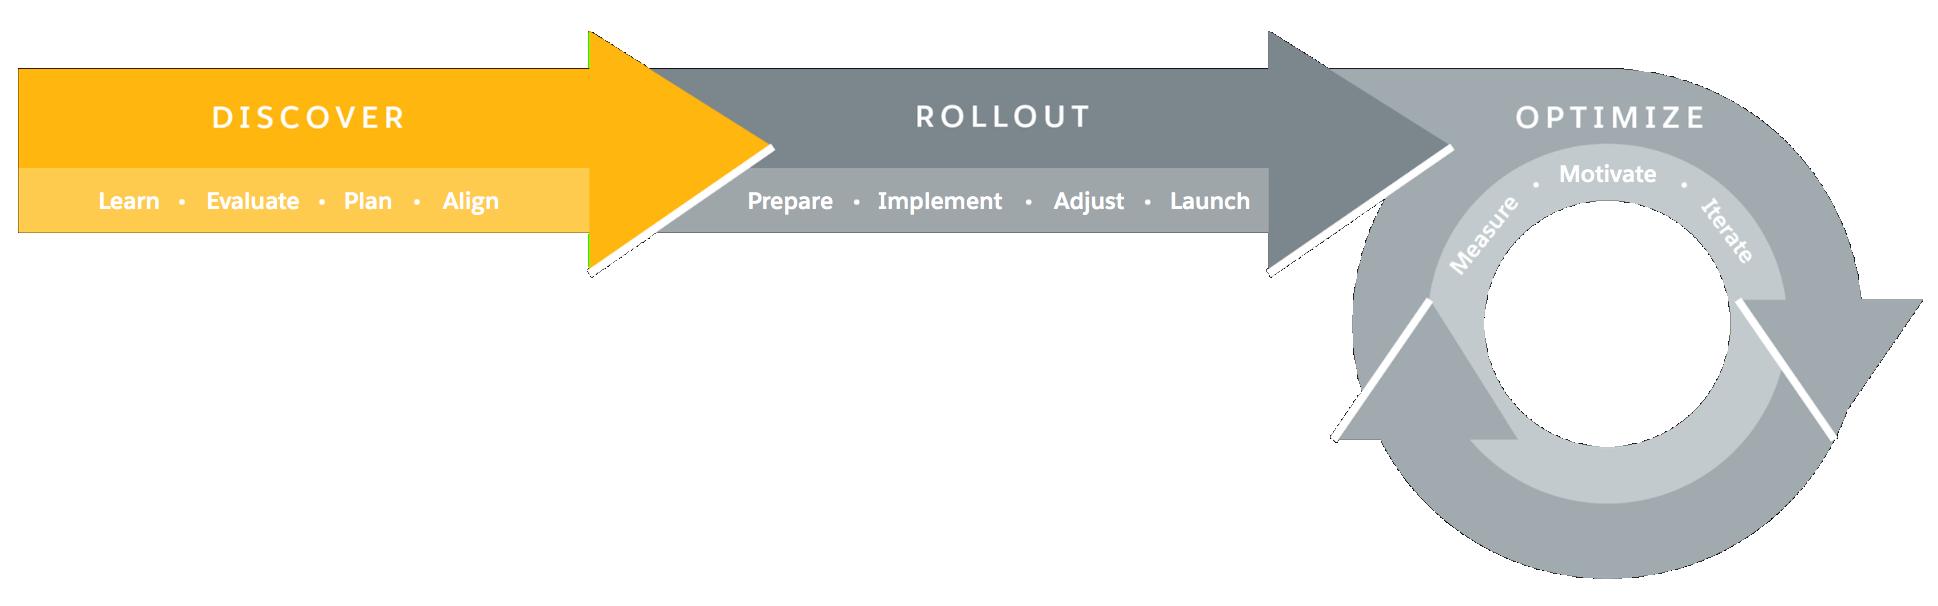 Darstellung des Frameworks für die Umstellung auf Lightning Experience mit hervorgehobener Entdeckungsphase